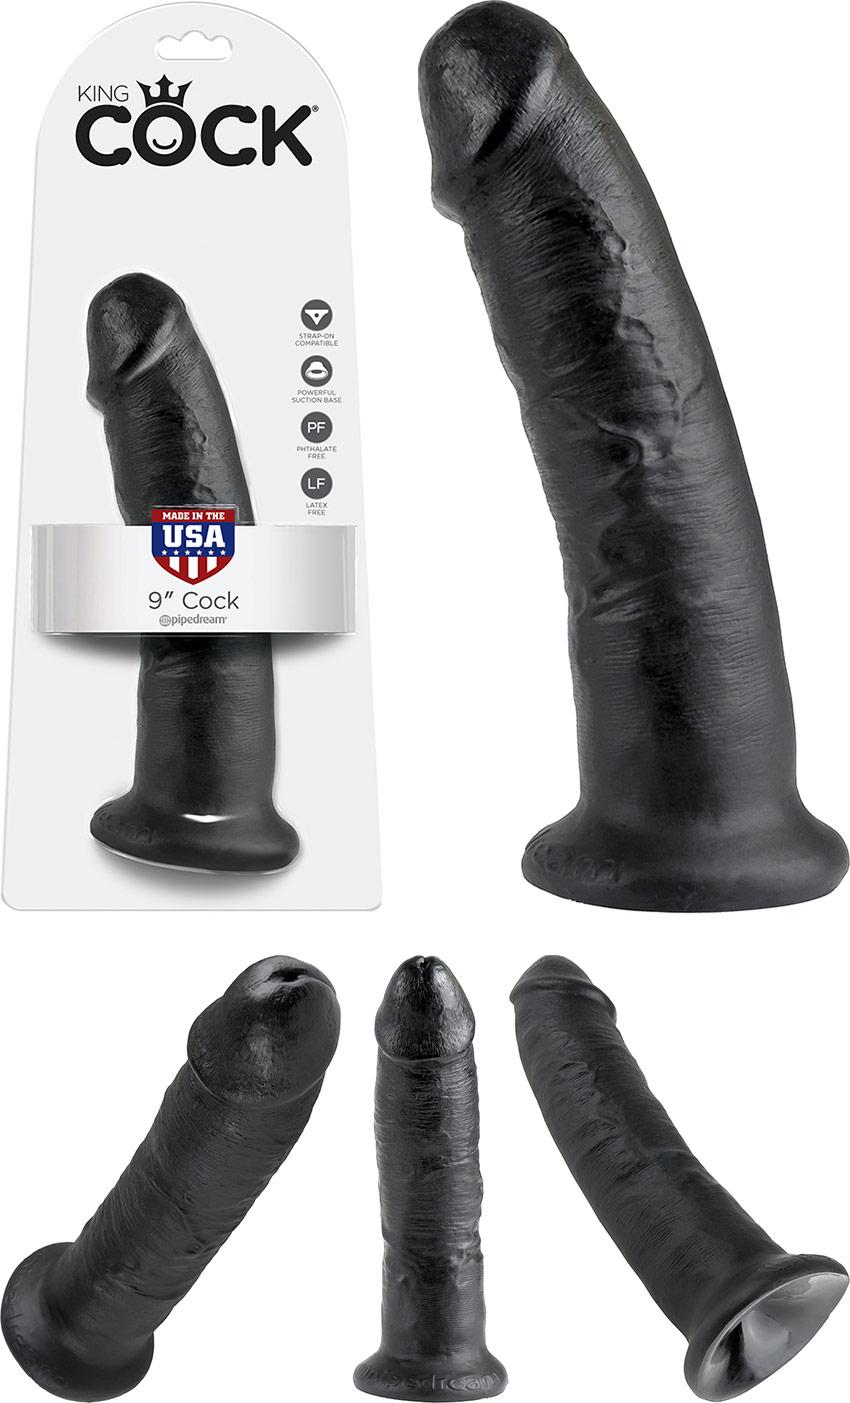 Dildo realistico King Cock - 20 cm - Nero